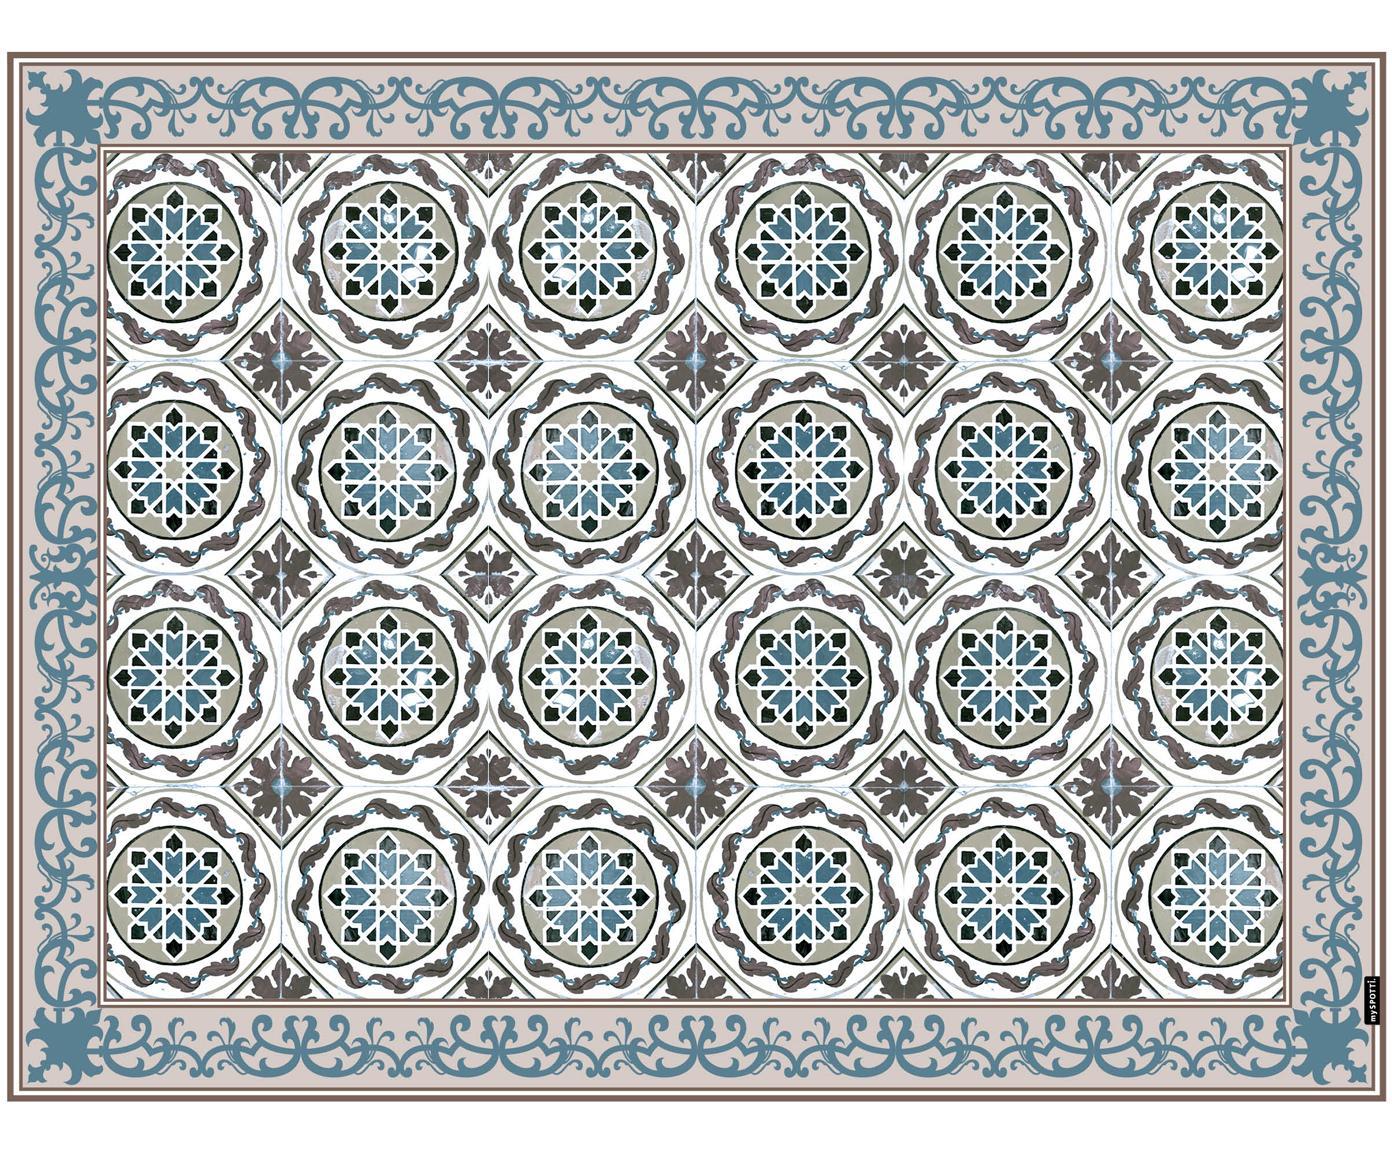 Mata podłogowa z winylu Selina, Winyl pochodzący z recyklingu, Beżowy, brązowy, niebieski, S 65 x D 85 cm